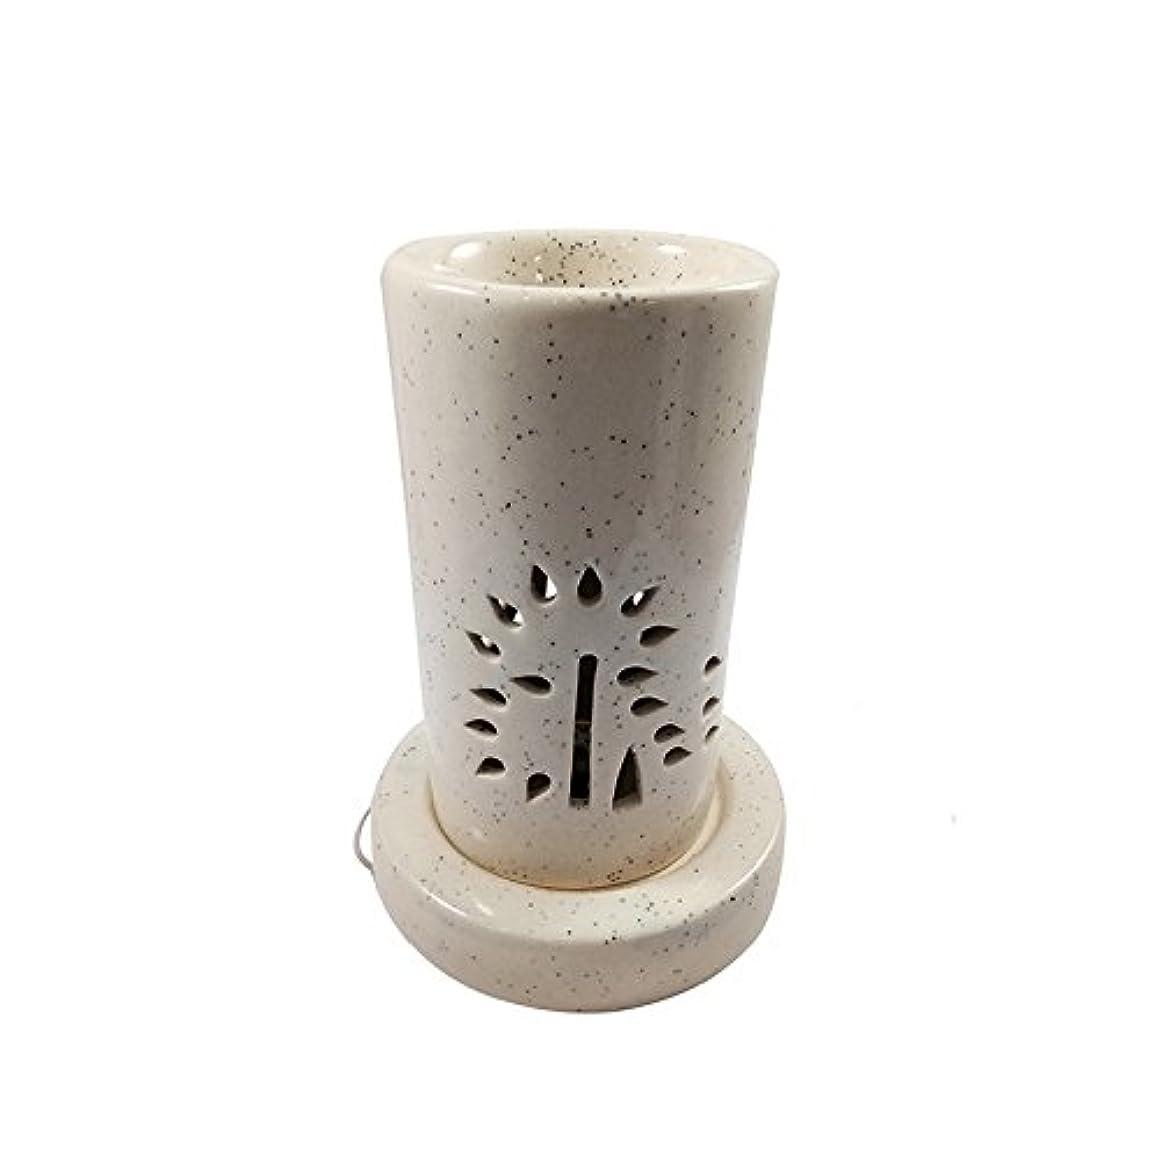 スカープ著者インスタンスホームデコレーション定期的に使用する汚染のない手作りセラミックエスニックアロマディフューザーオイルバーナー 良質ブラウン色電気アロマテラピー香油暖かい数量1